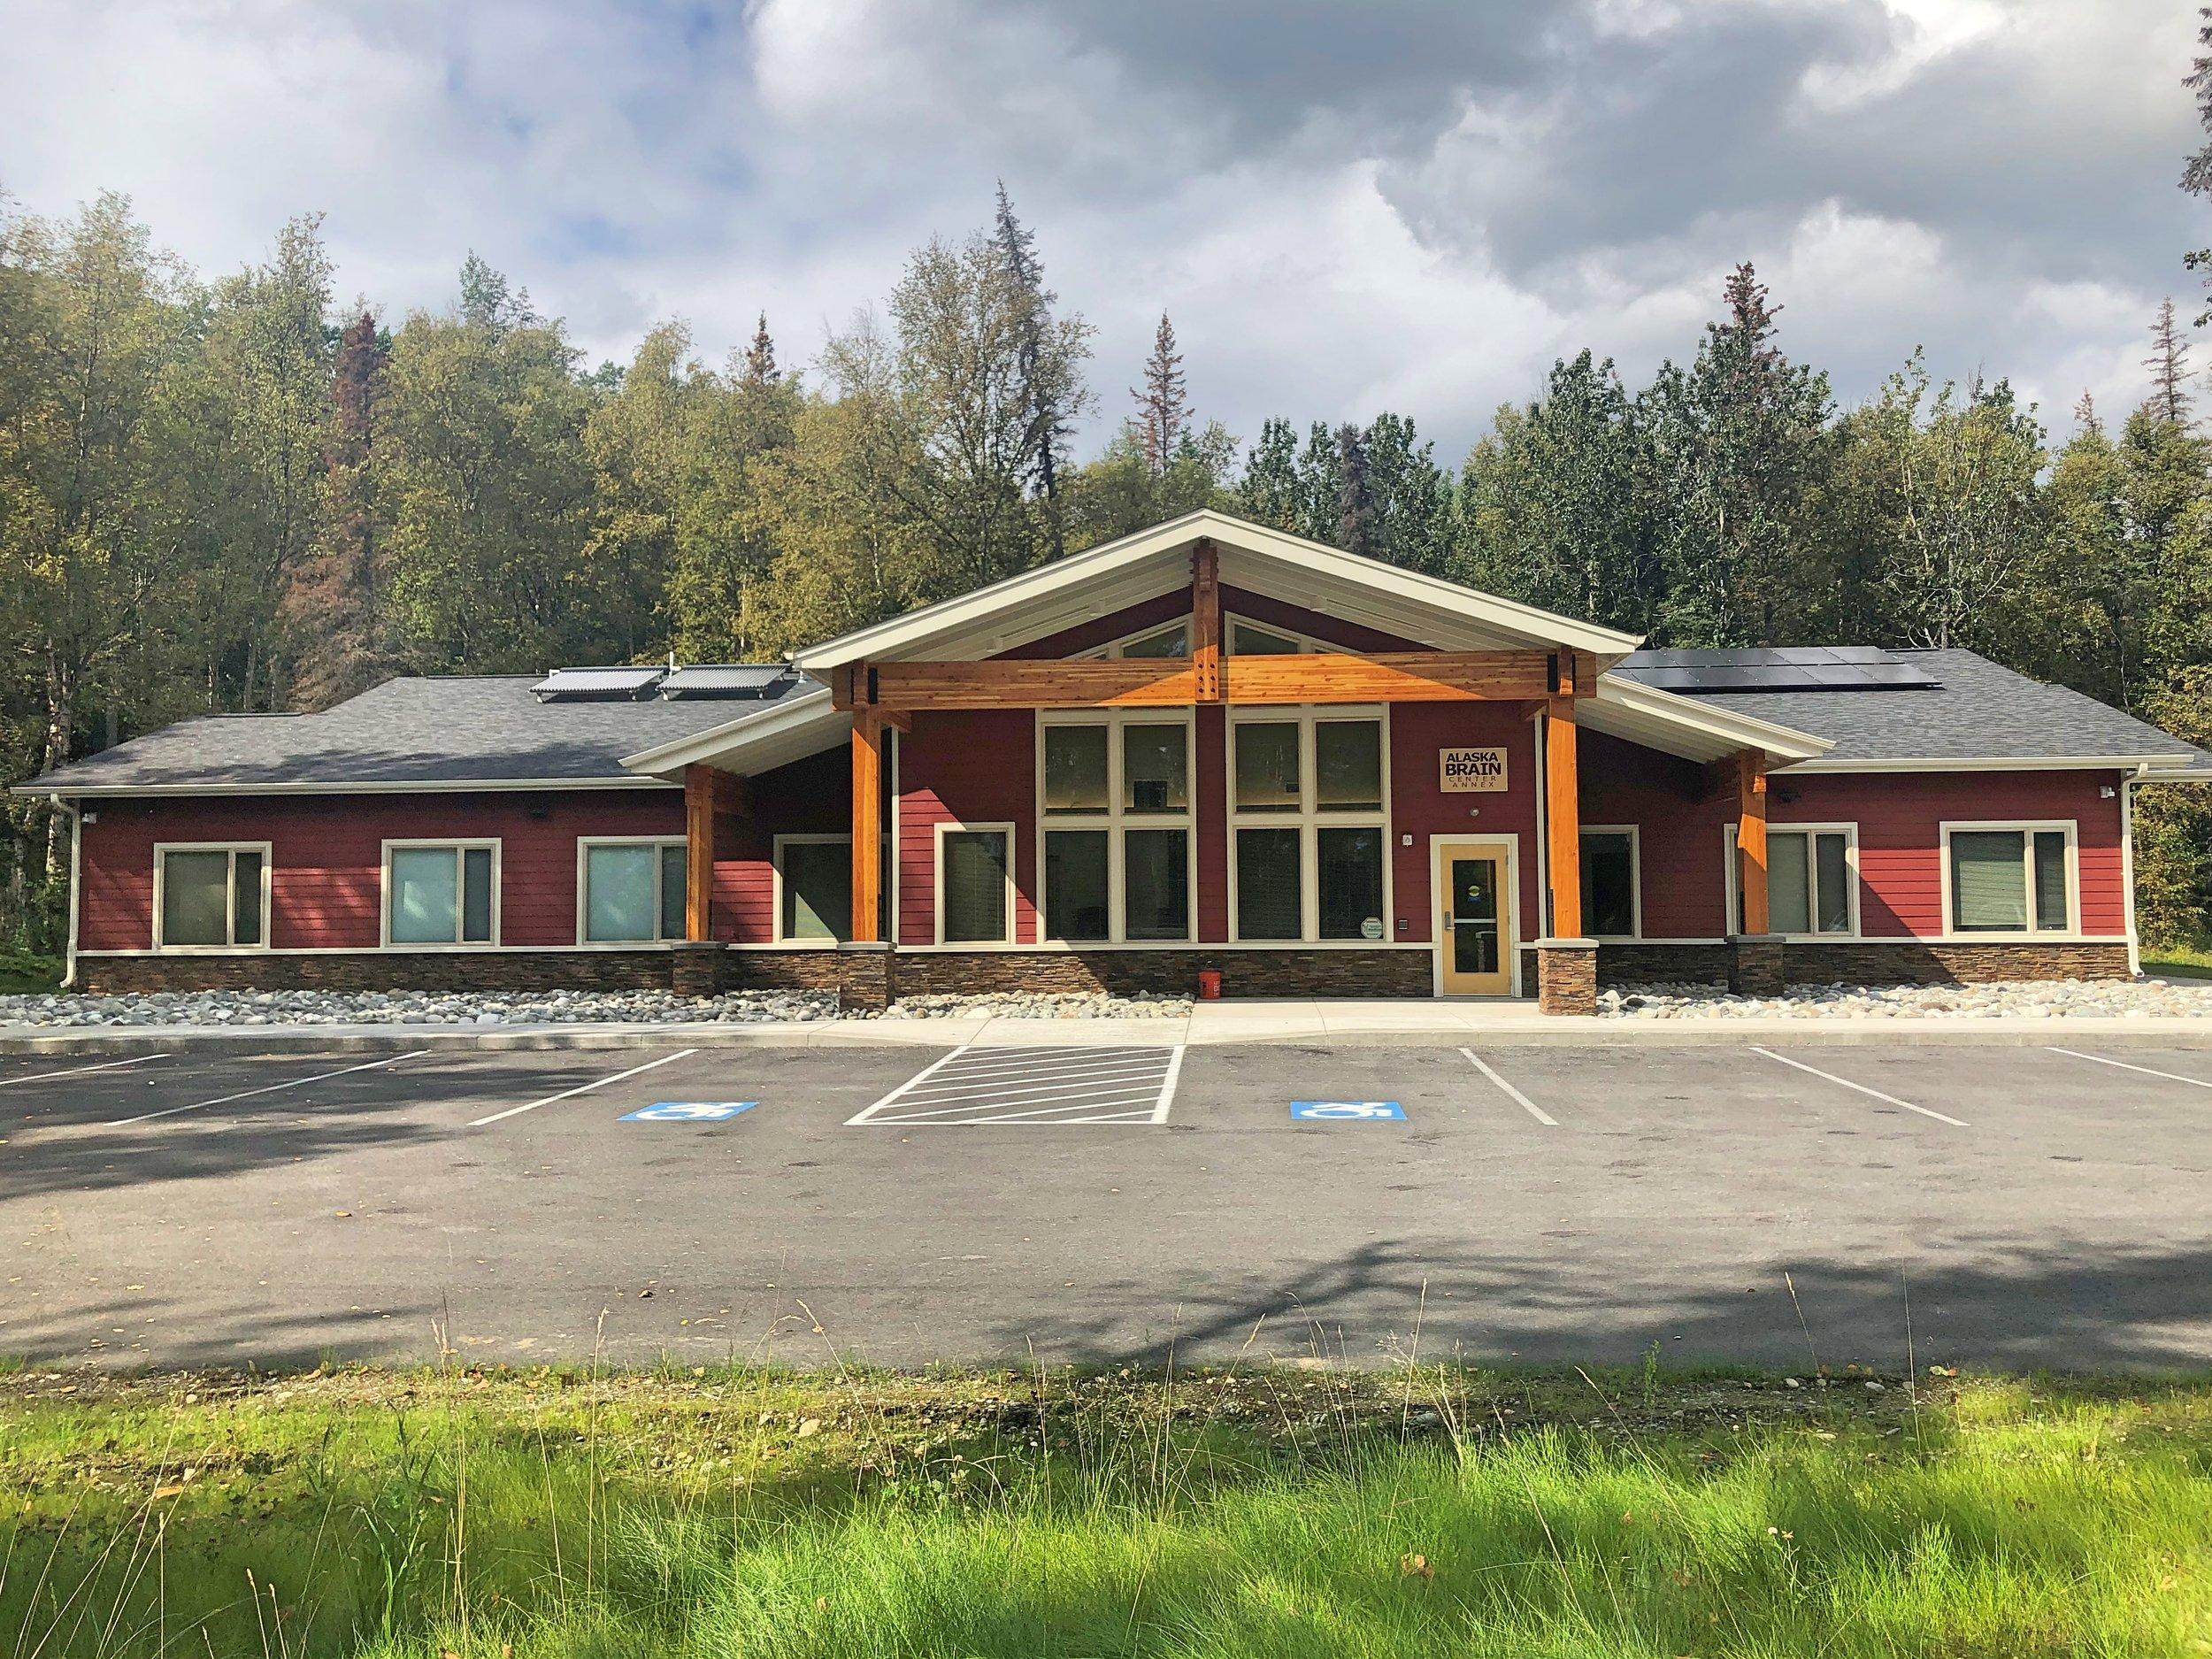 Alaska Brain Center - WASILLA ALASKA